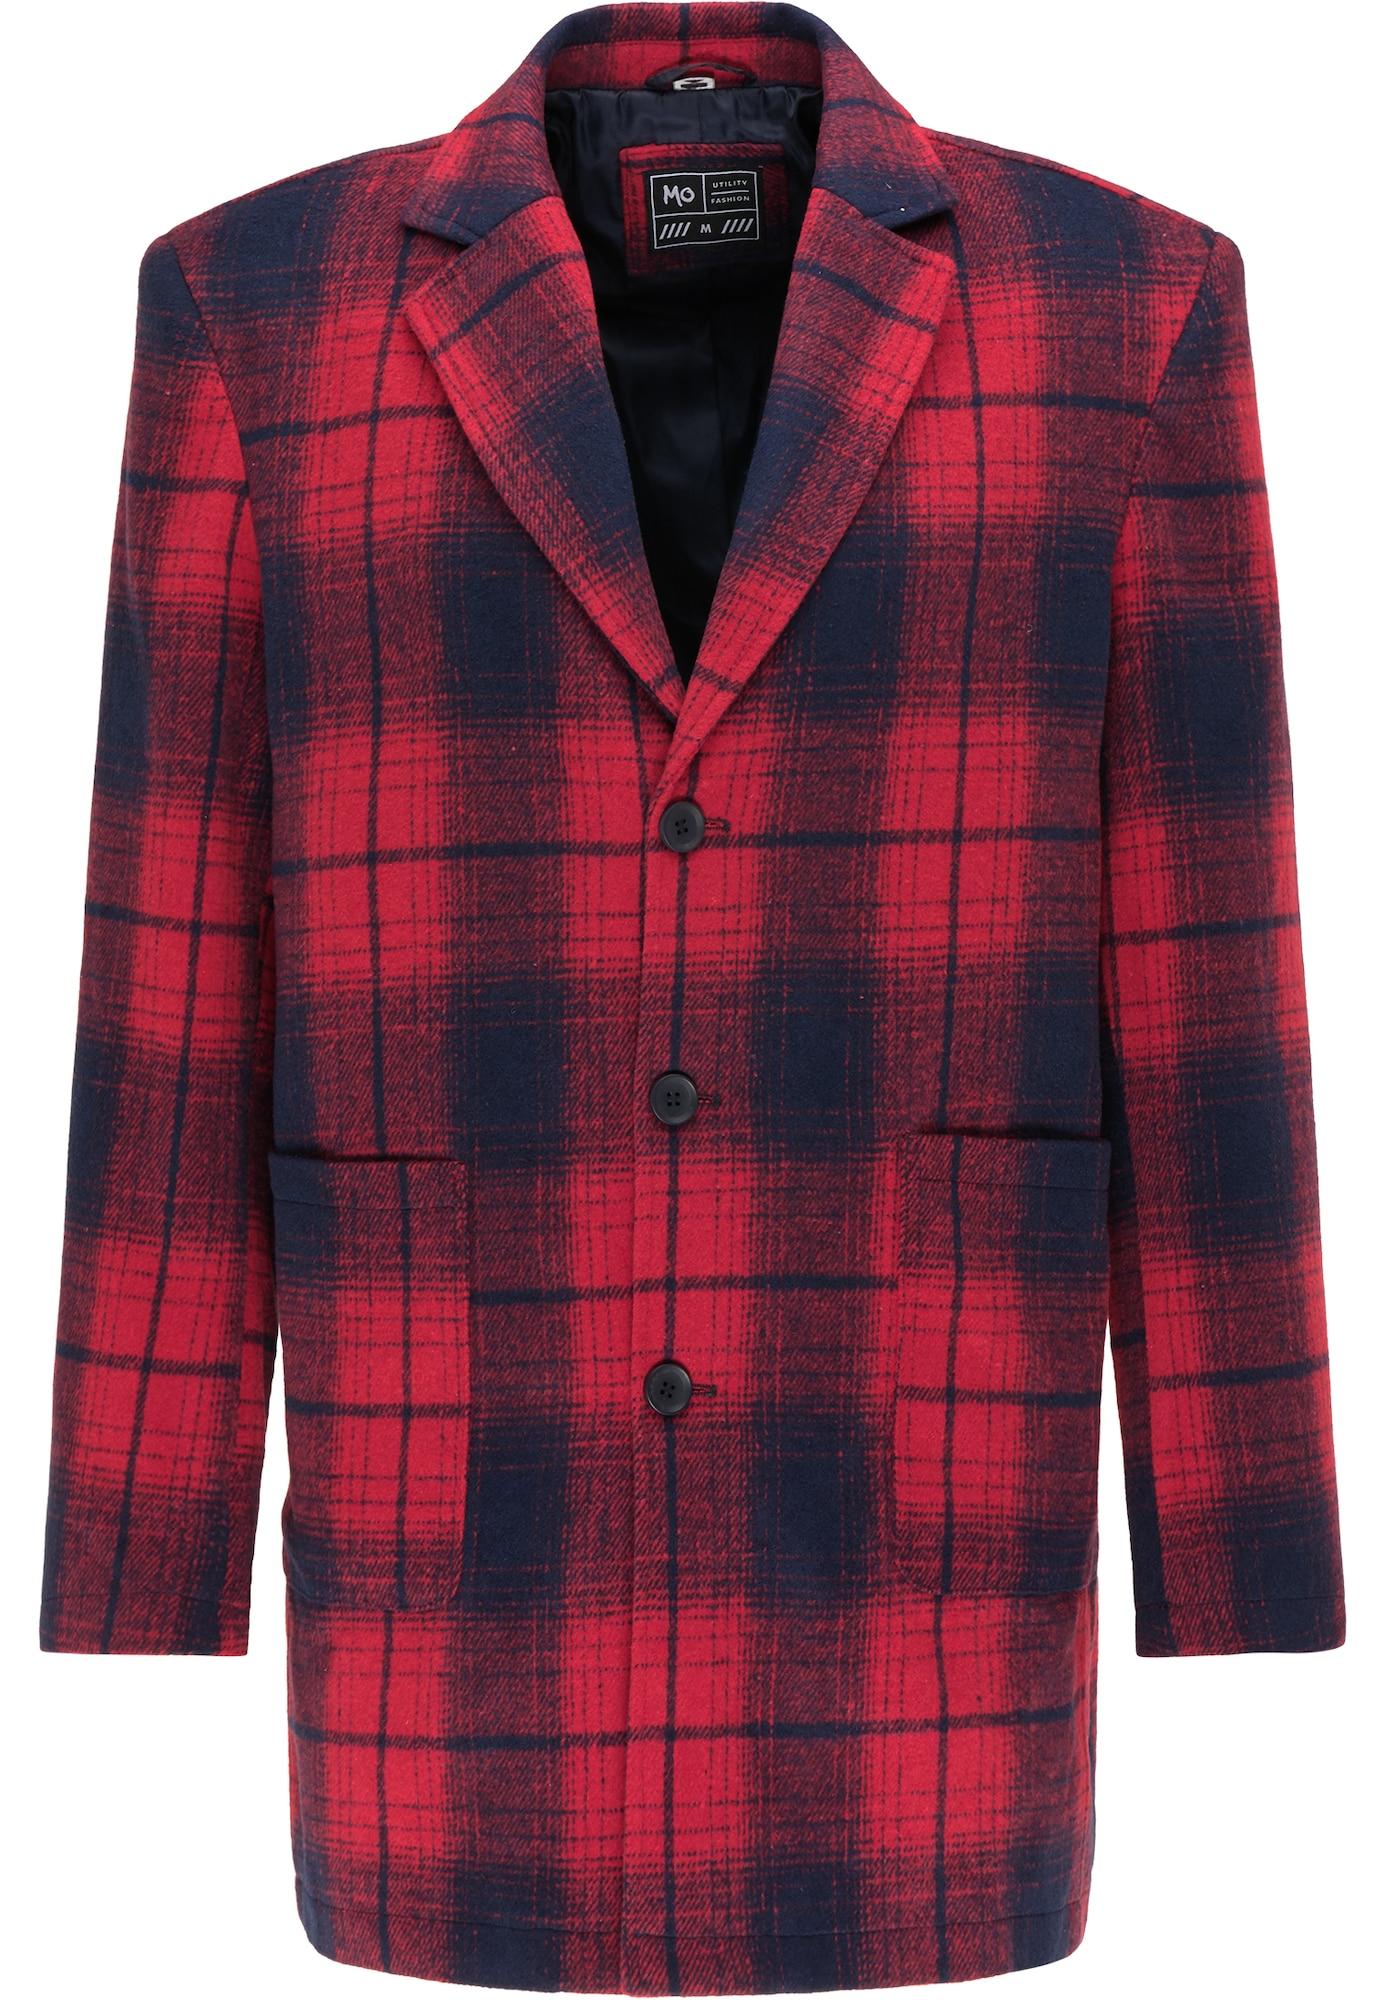 MO Demisezoninis paltas raudona / tamsiai pilka